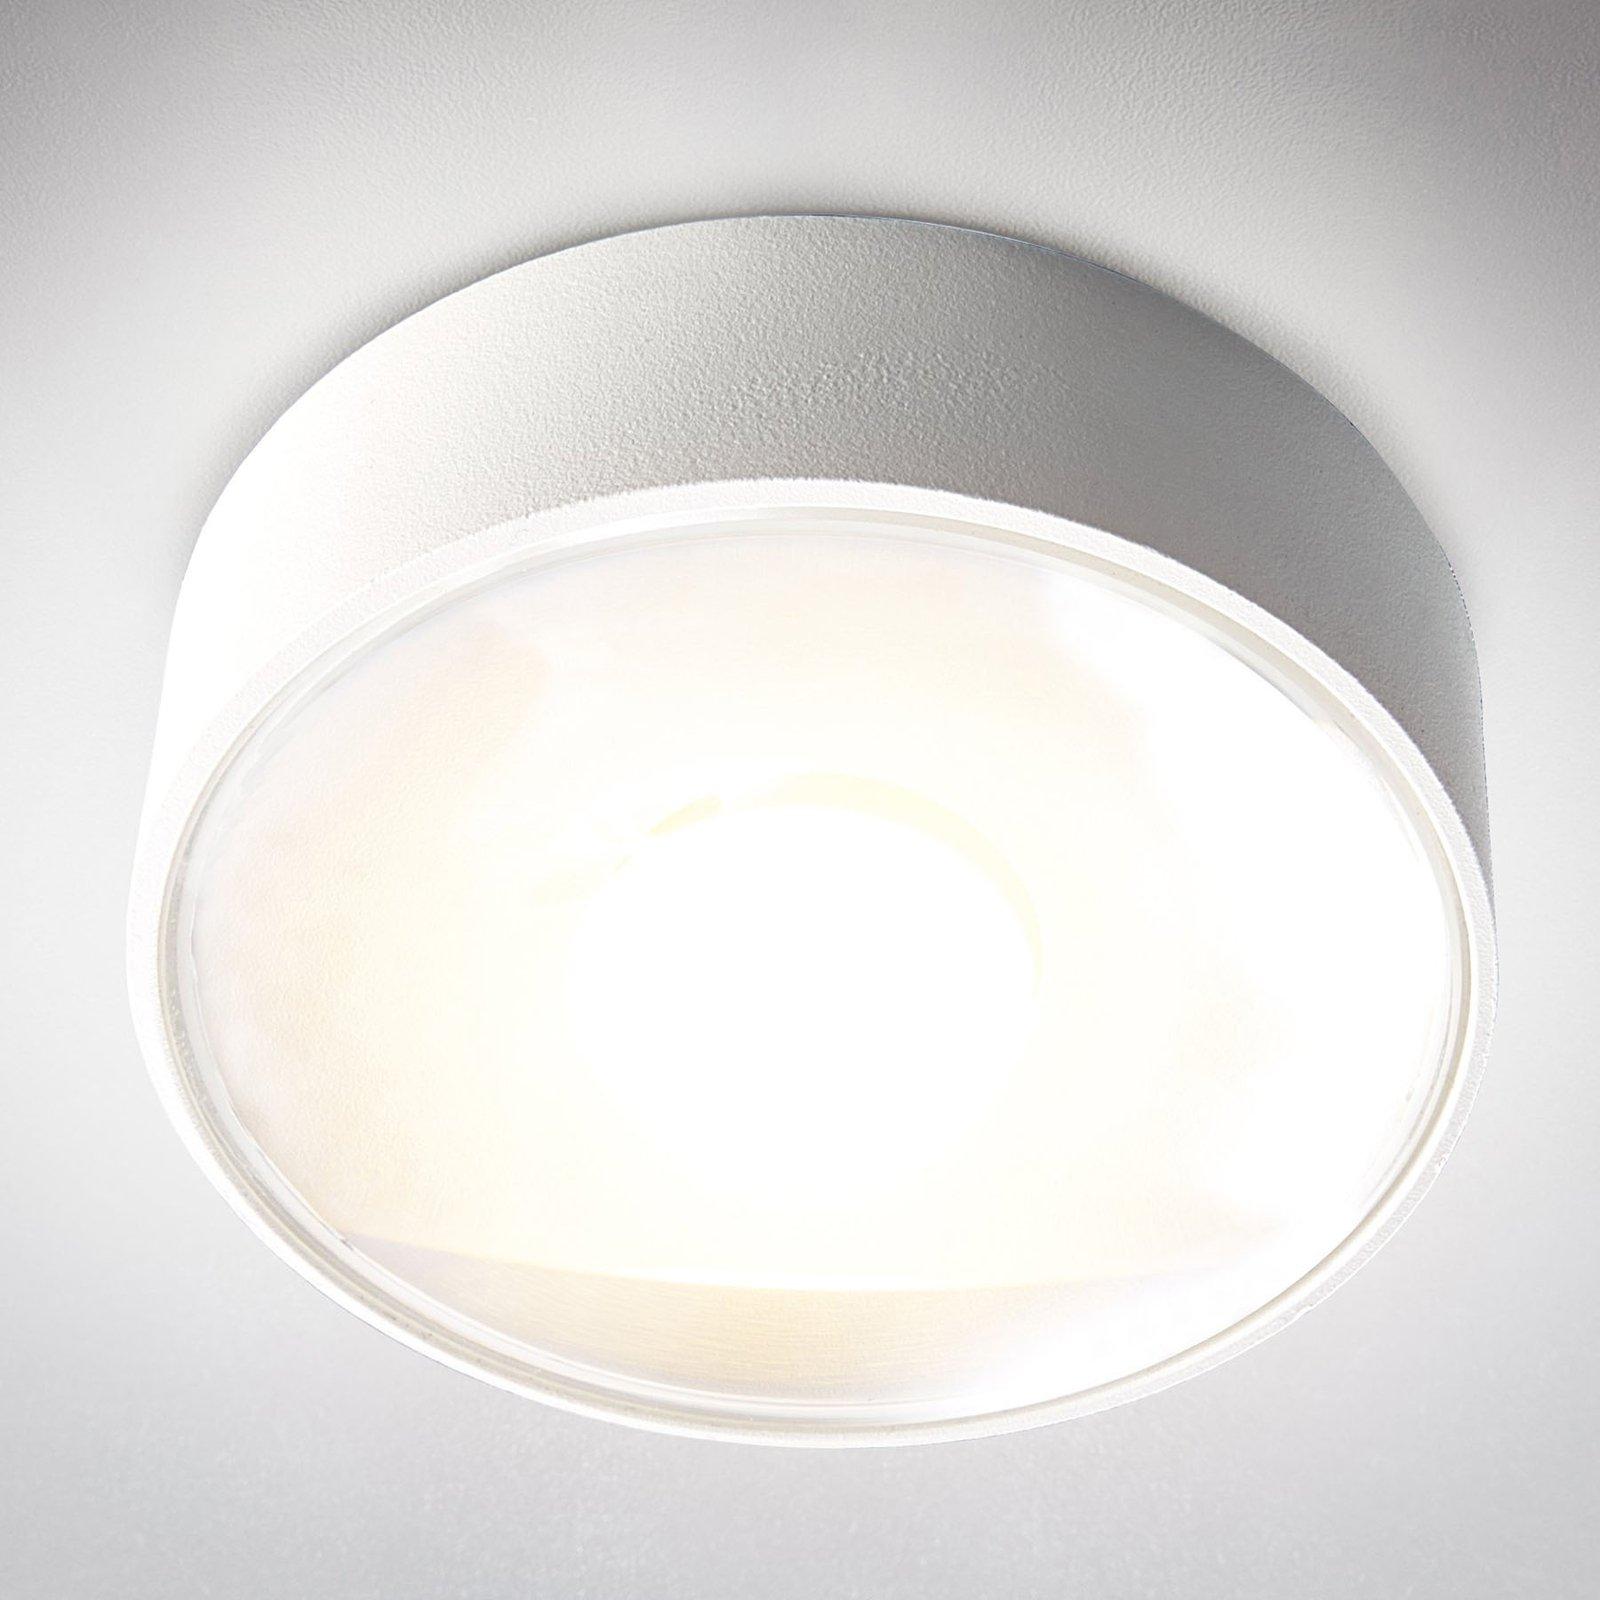 Utendørs LED-taklampe Girona, hvit